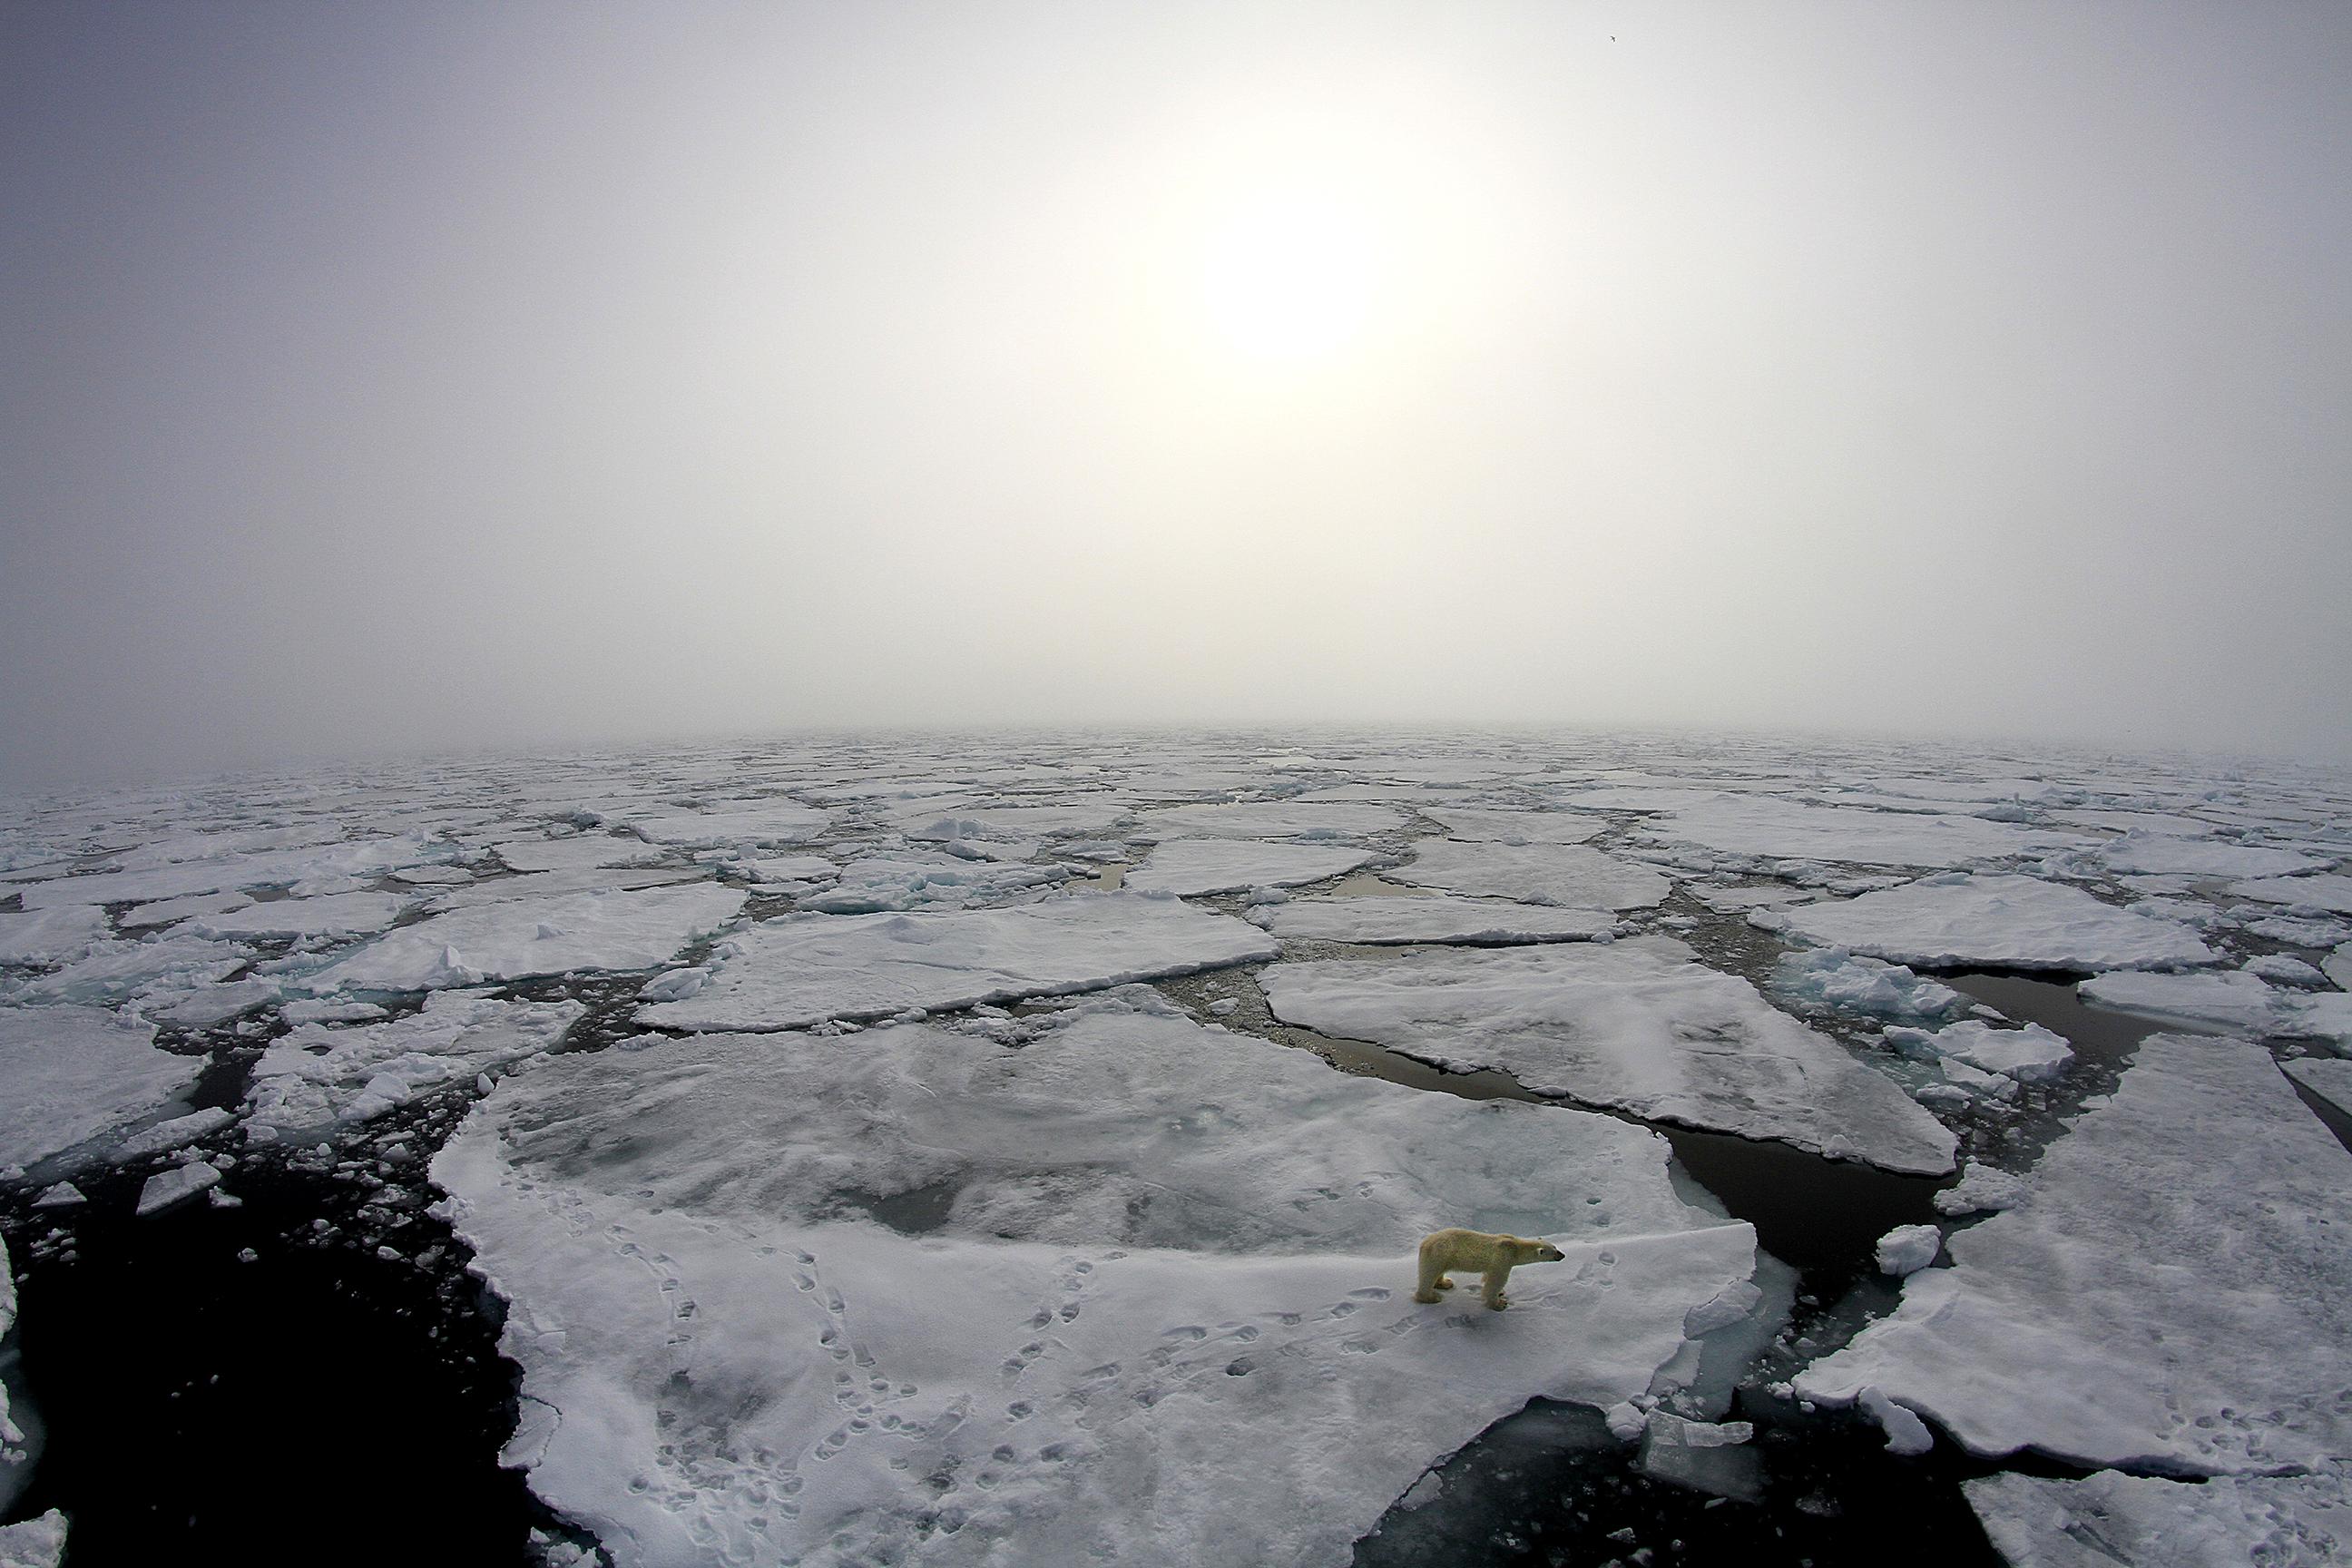 Un orso polare sulla superficie ghiacciata fratturata vicino alla nave della spedizione Norwegian Young Sea ICE. Credit: Marcos Porcires/Norwegian Polar Institute.